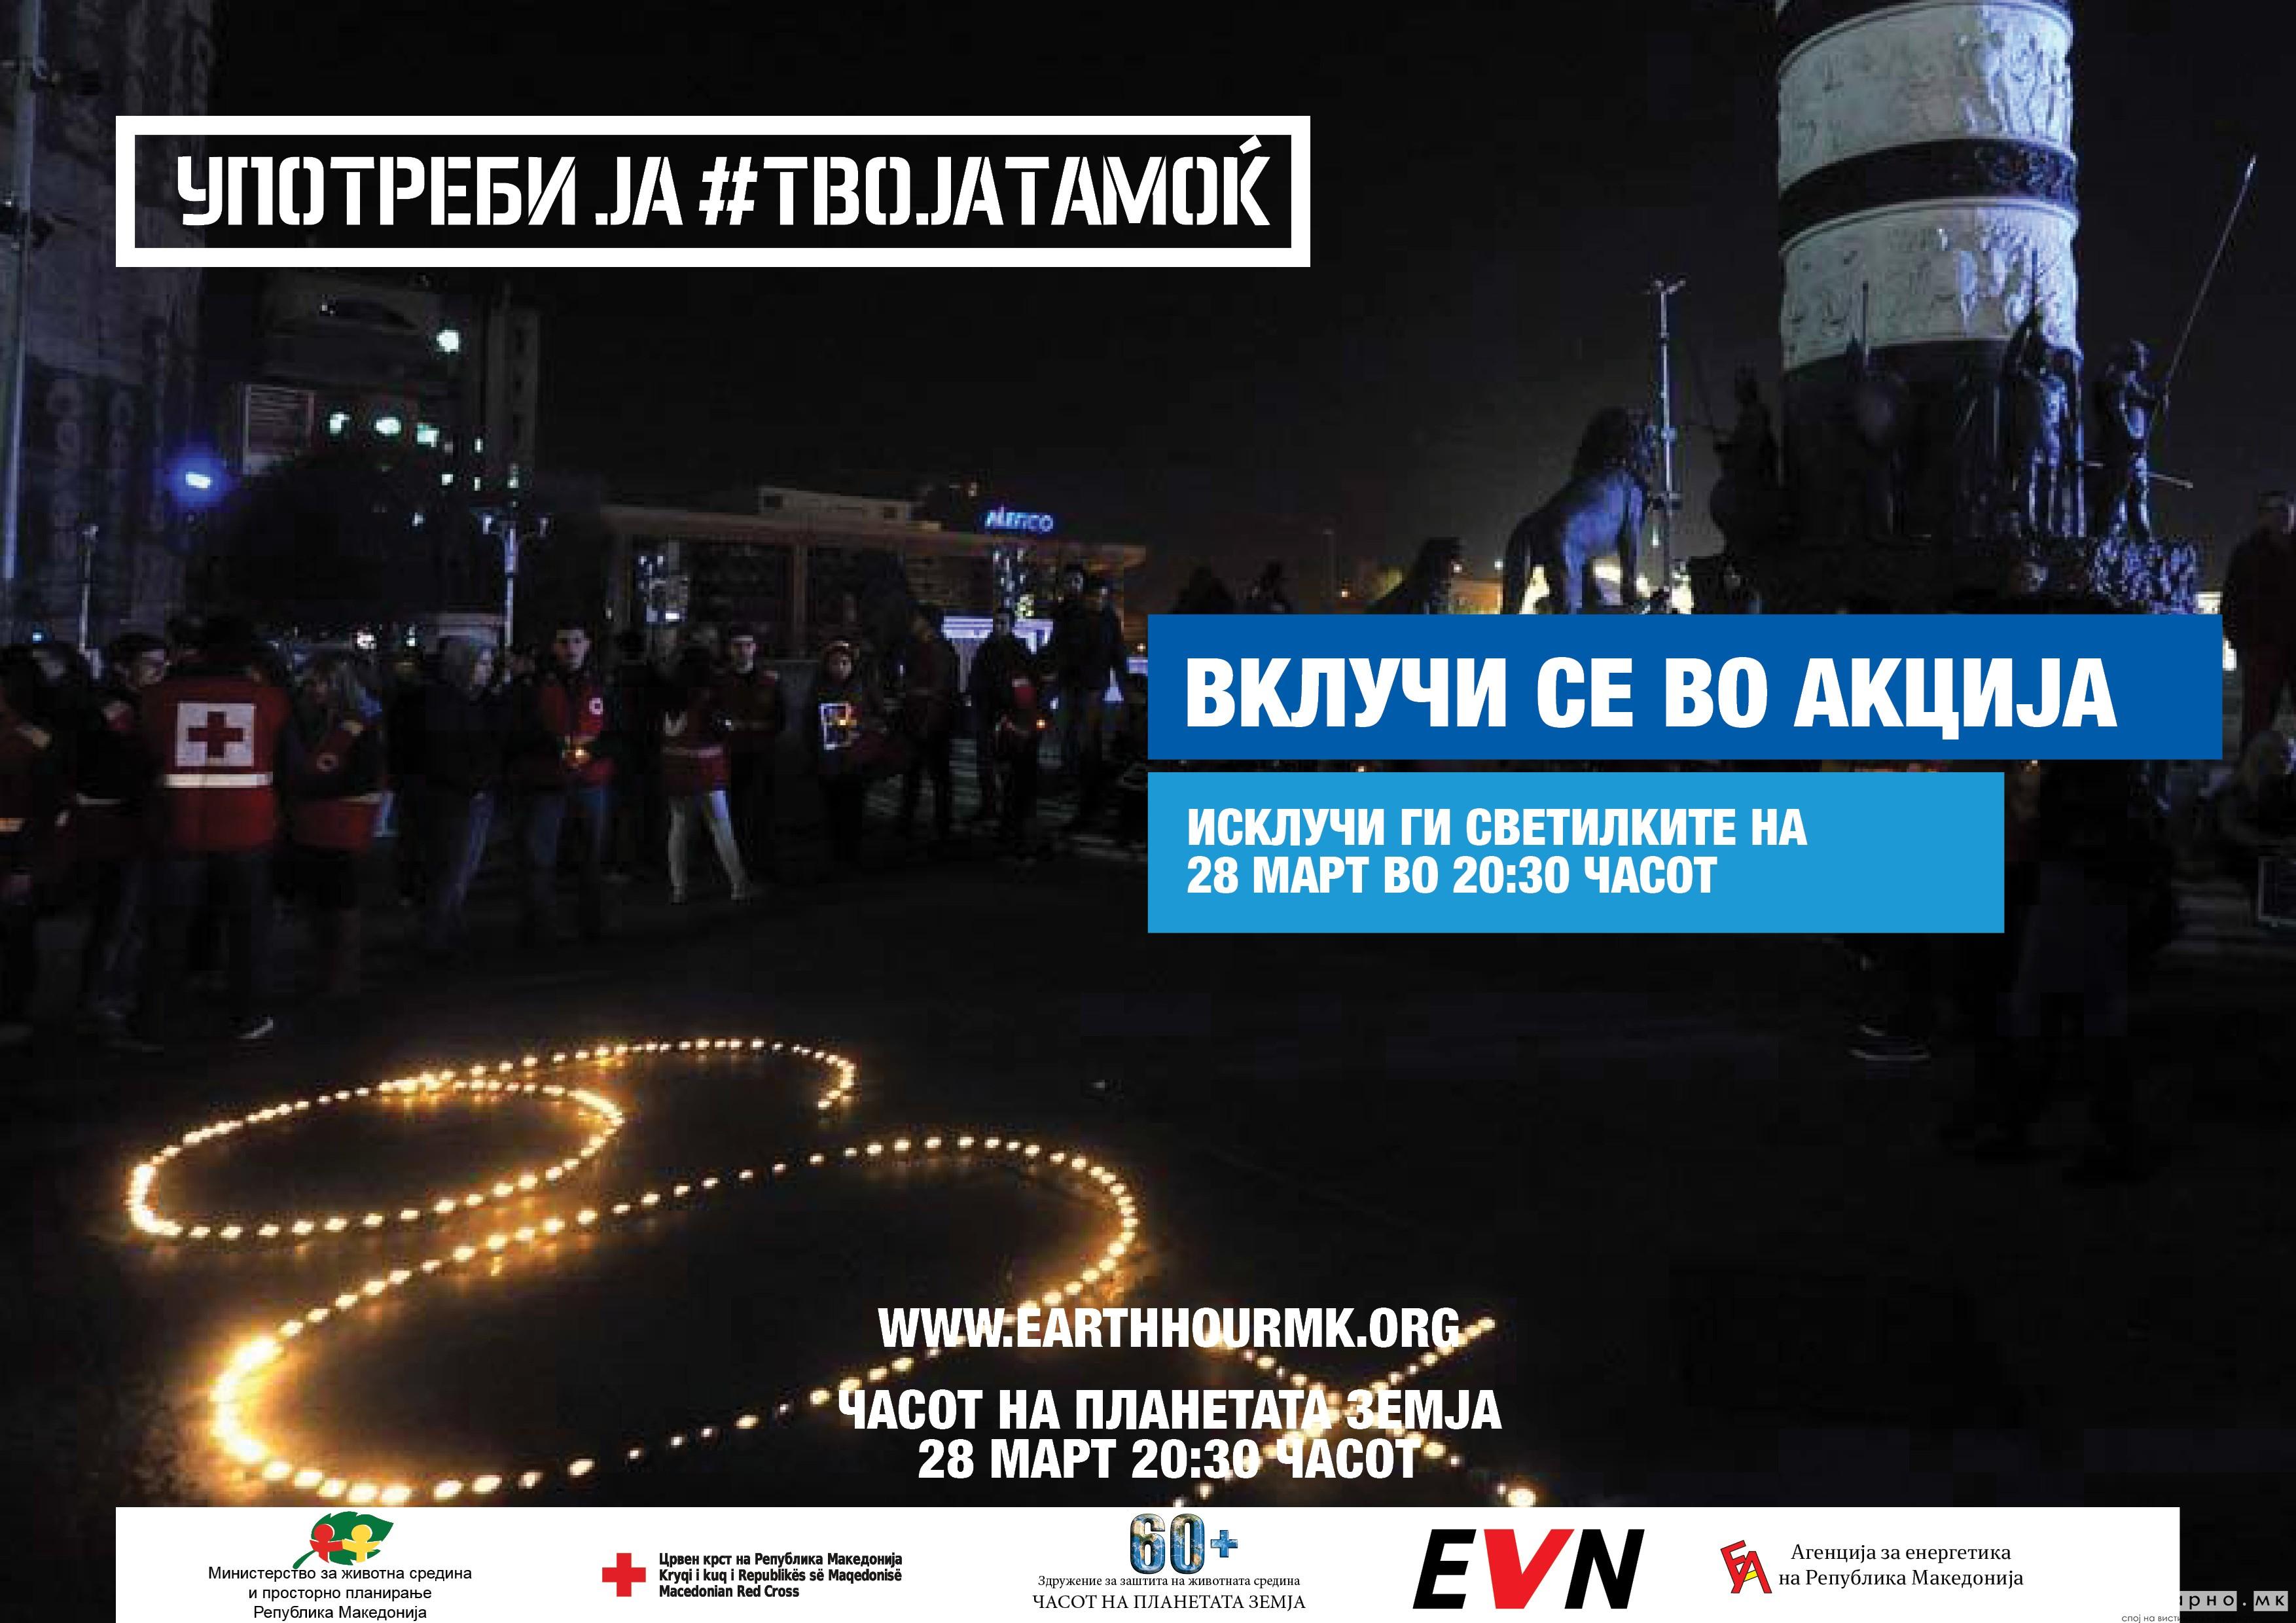 Вечерва цела Македонија потонува во мрак за Часот на планетата Земја!